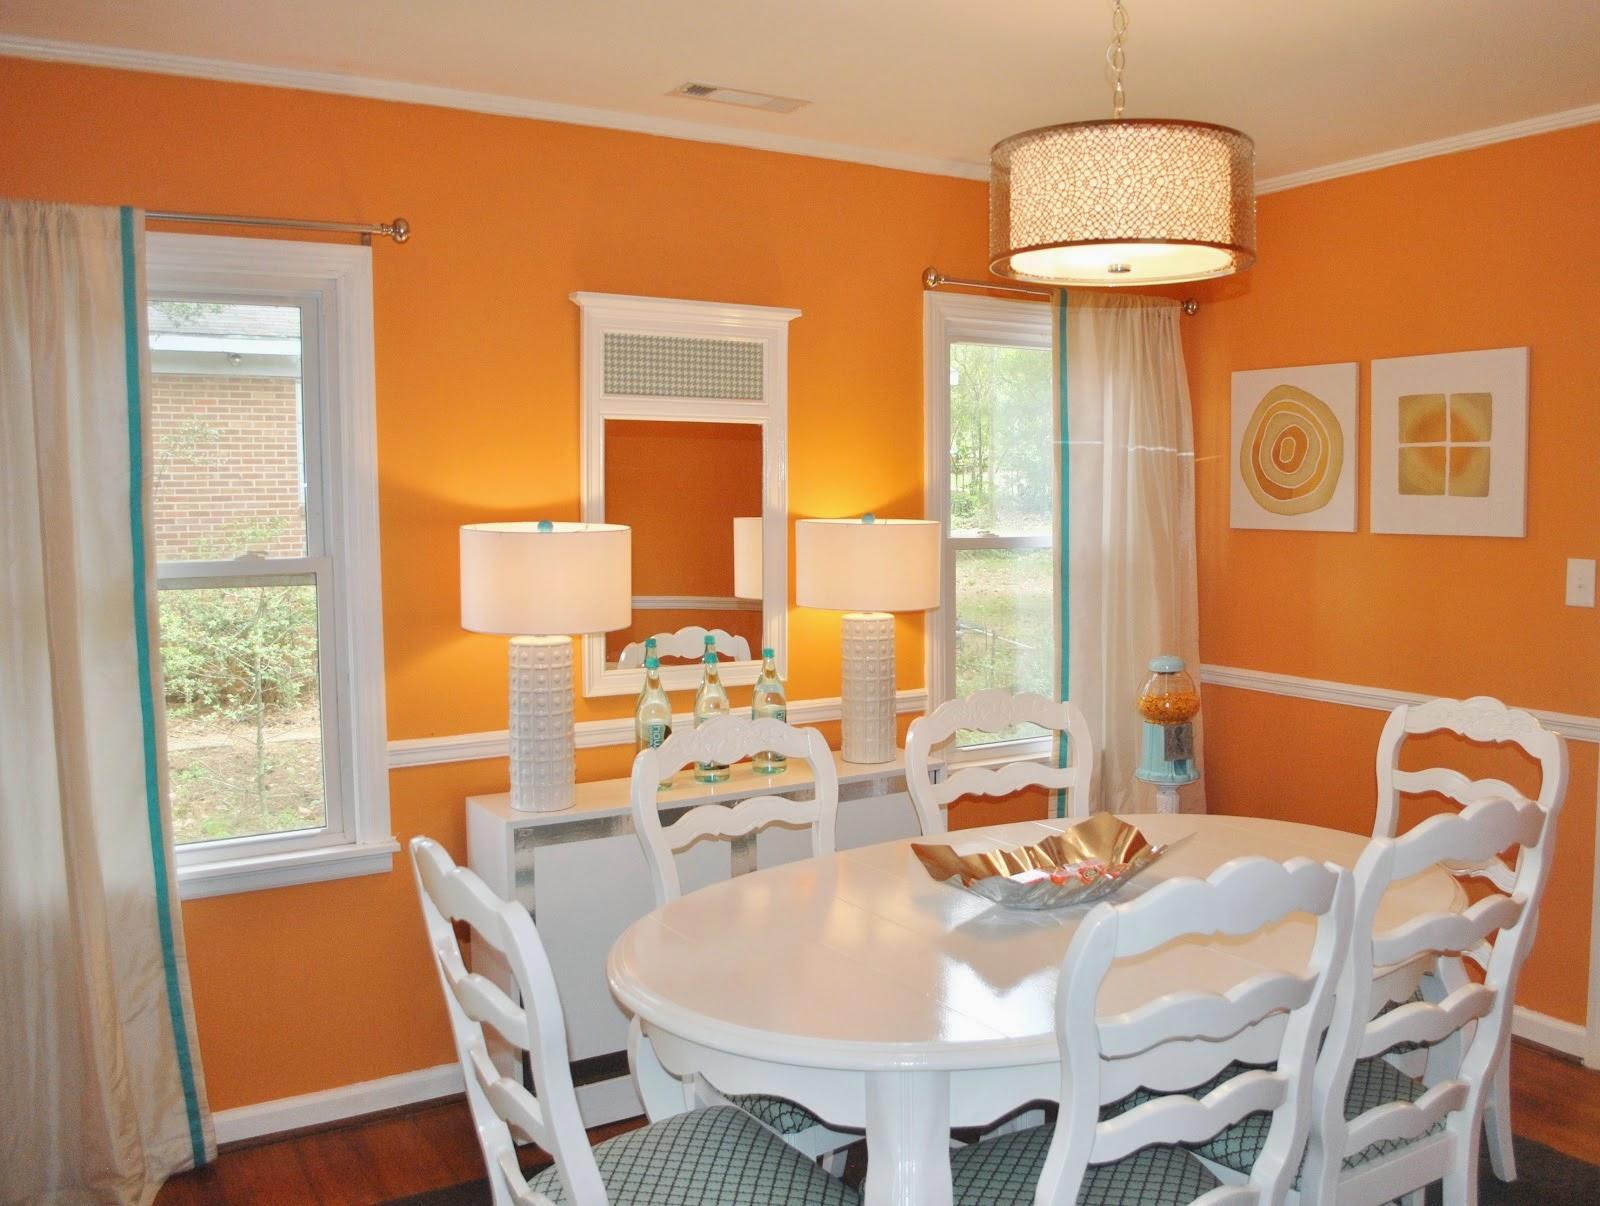 desain ruang makan warna orange